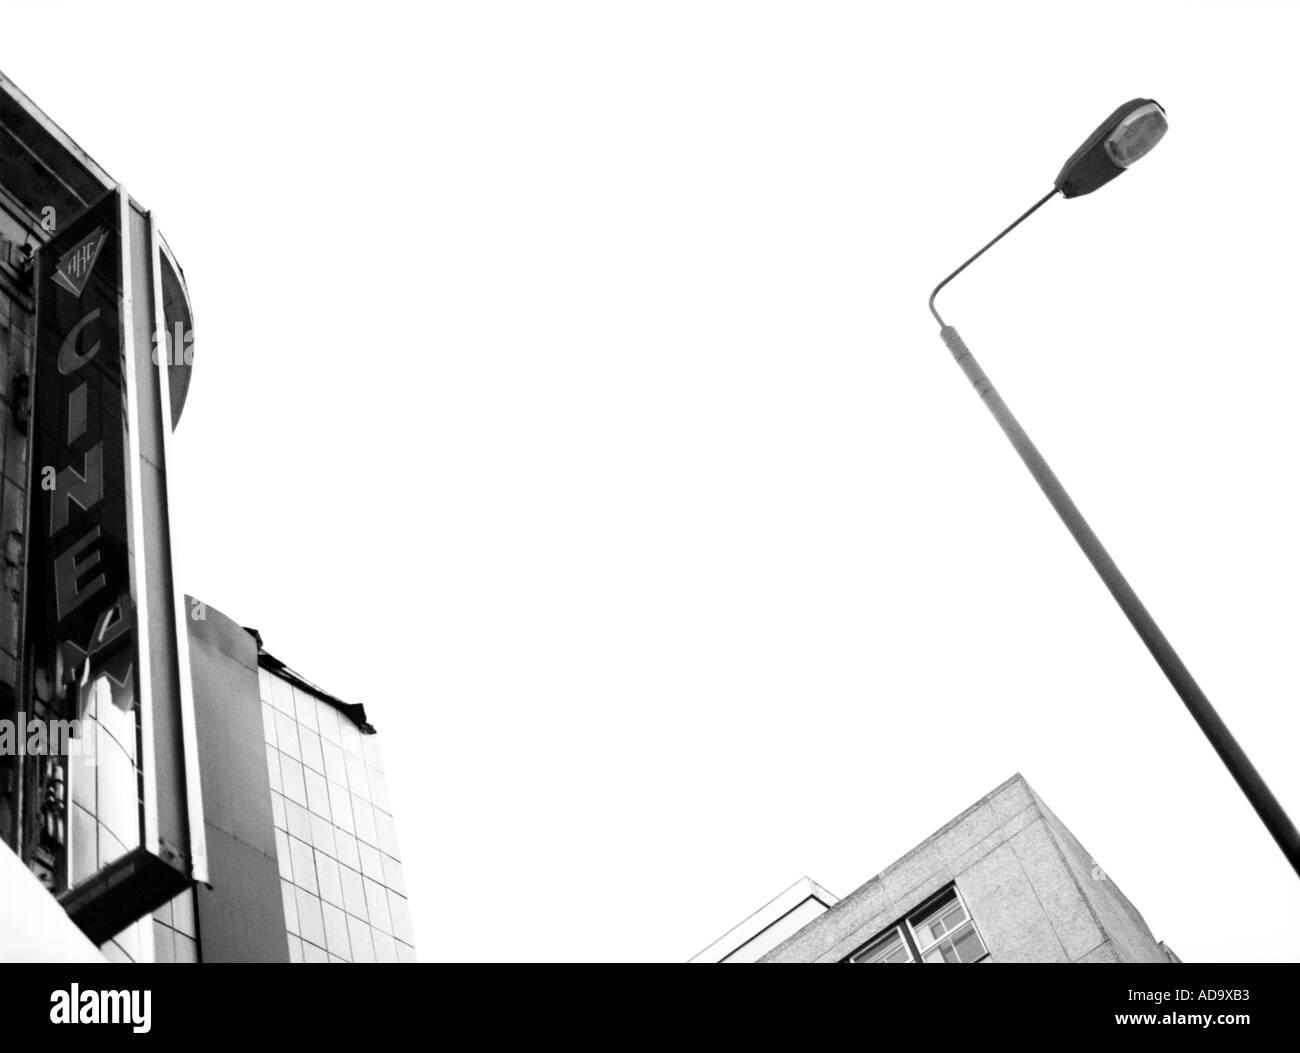 Cinéma ABC fermé Photo Stock